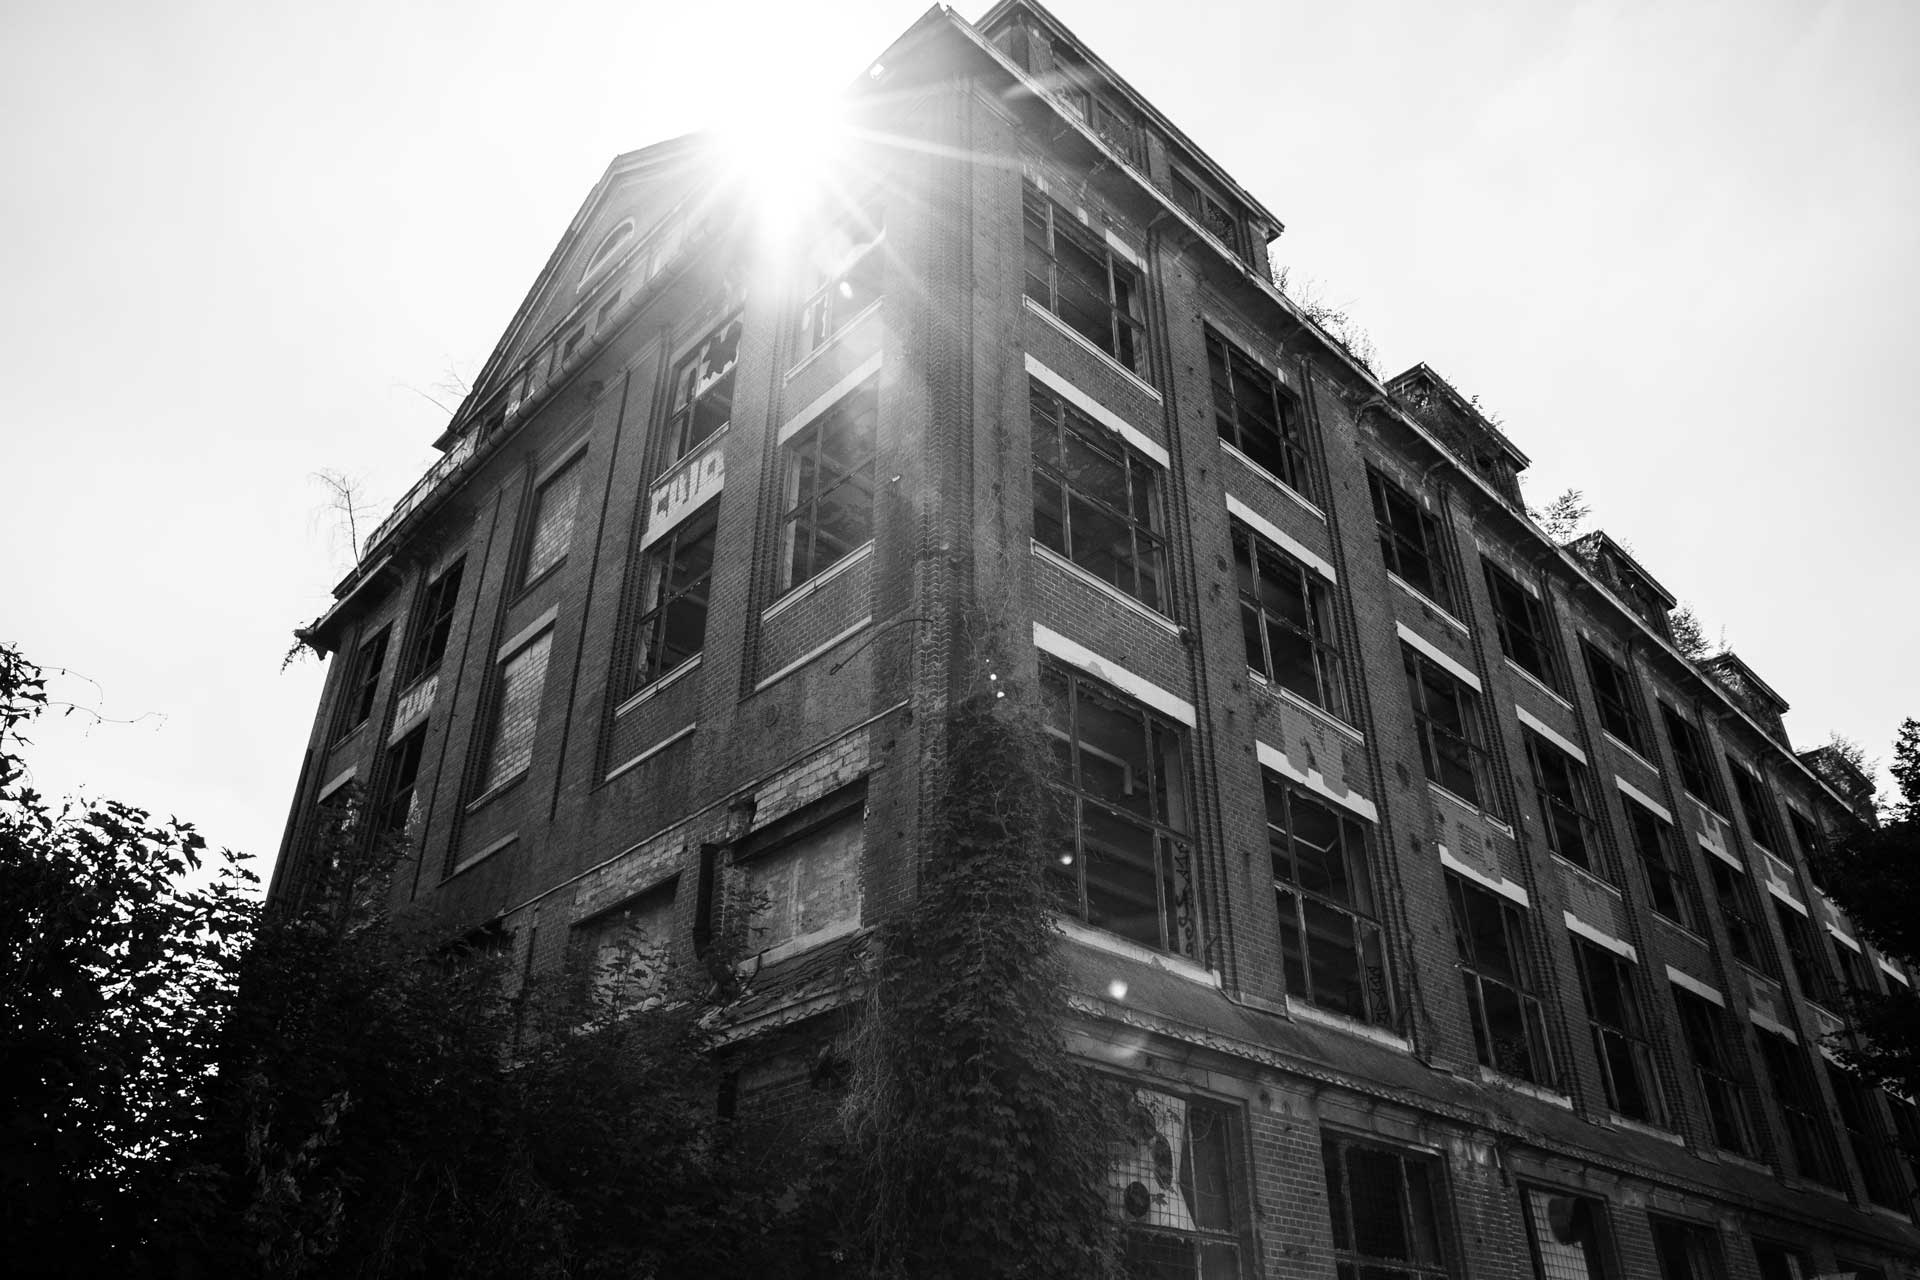 Karl Krause Fabrik